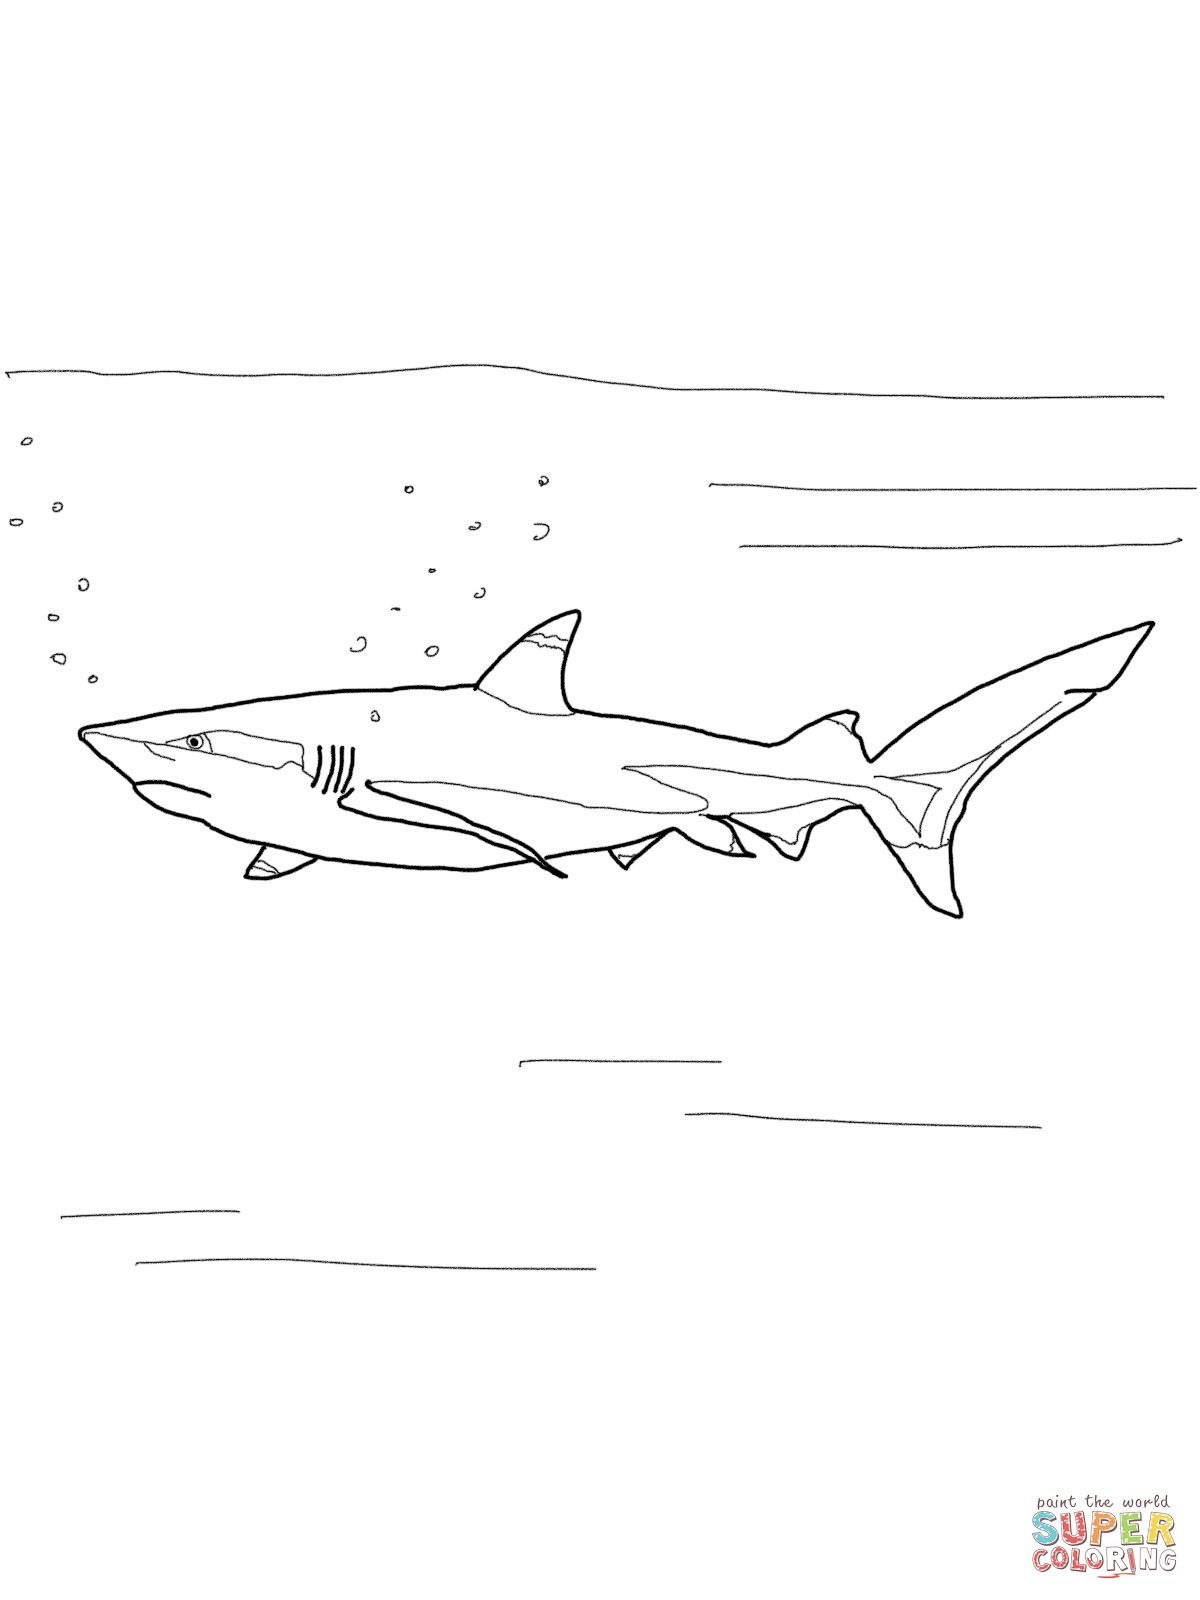 Blacktip Reef Shark Shark Coloring Pages Reef Shark Coloring Pages